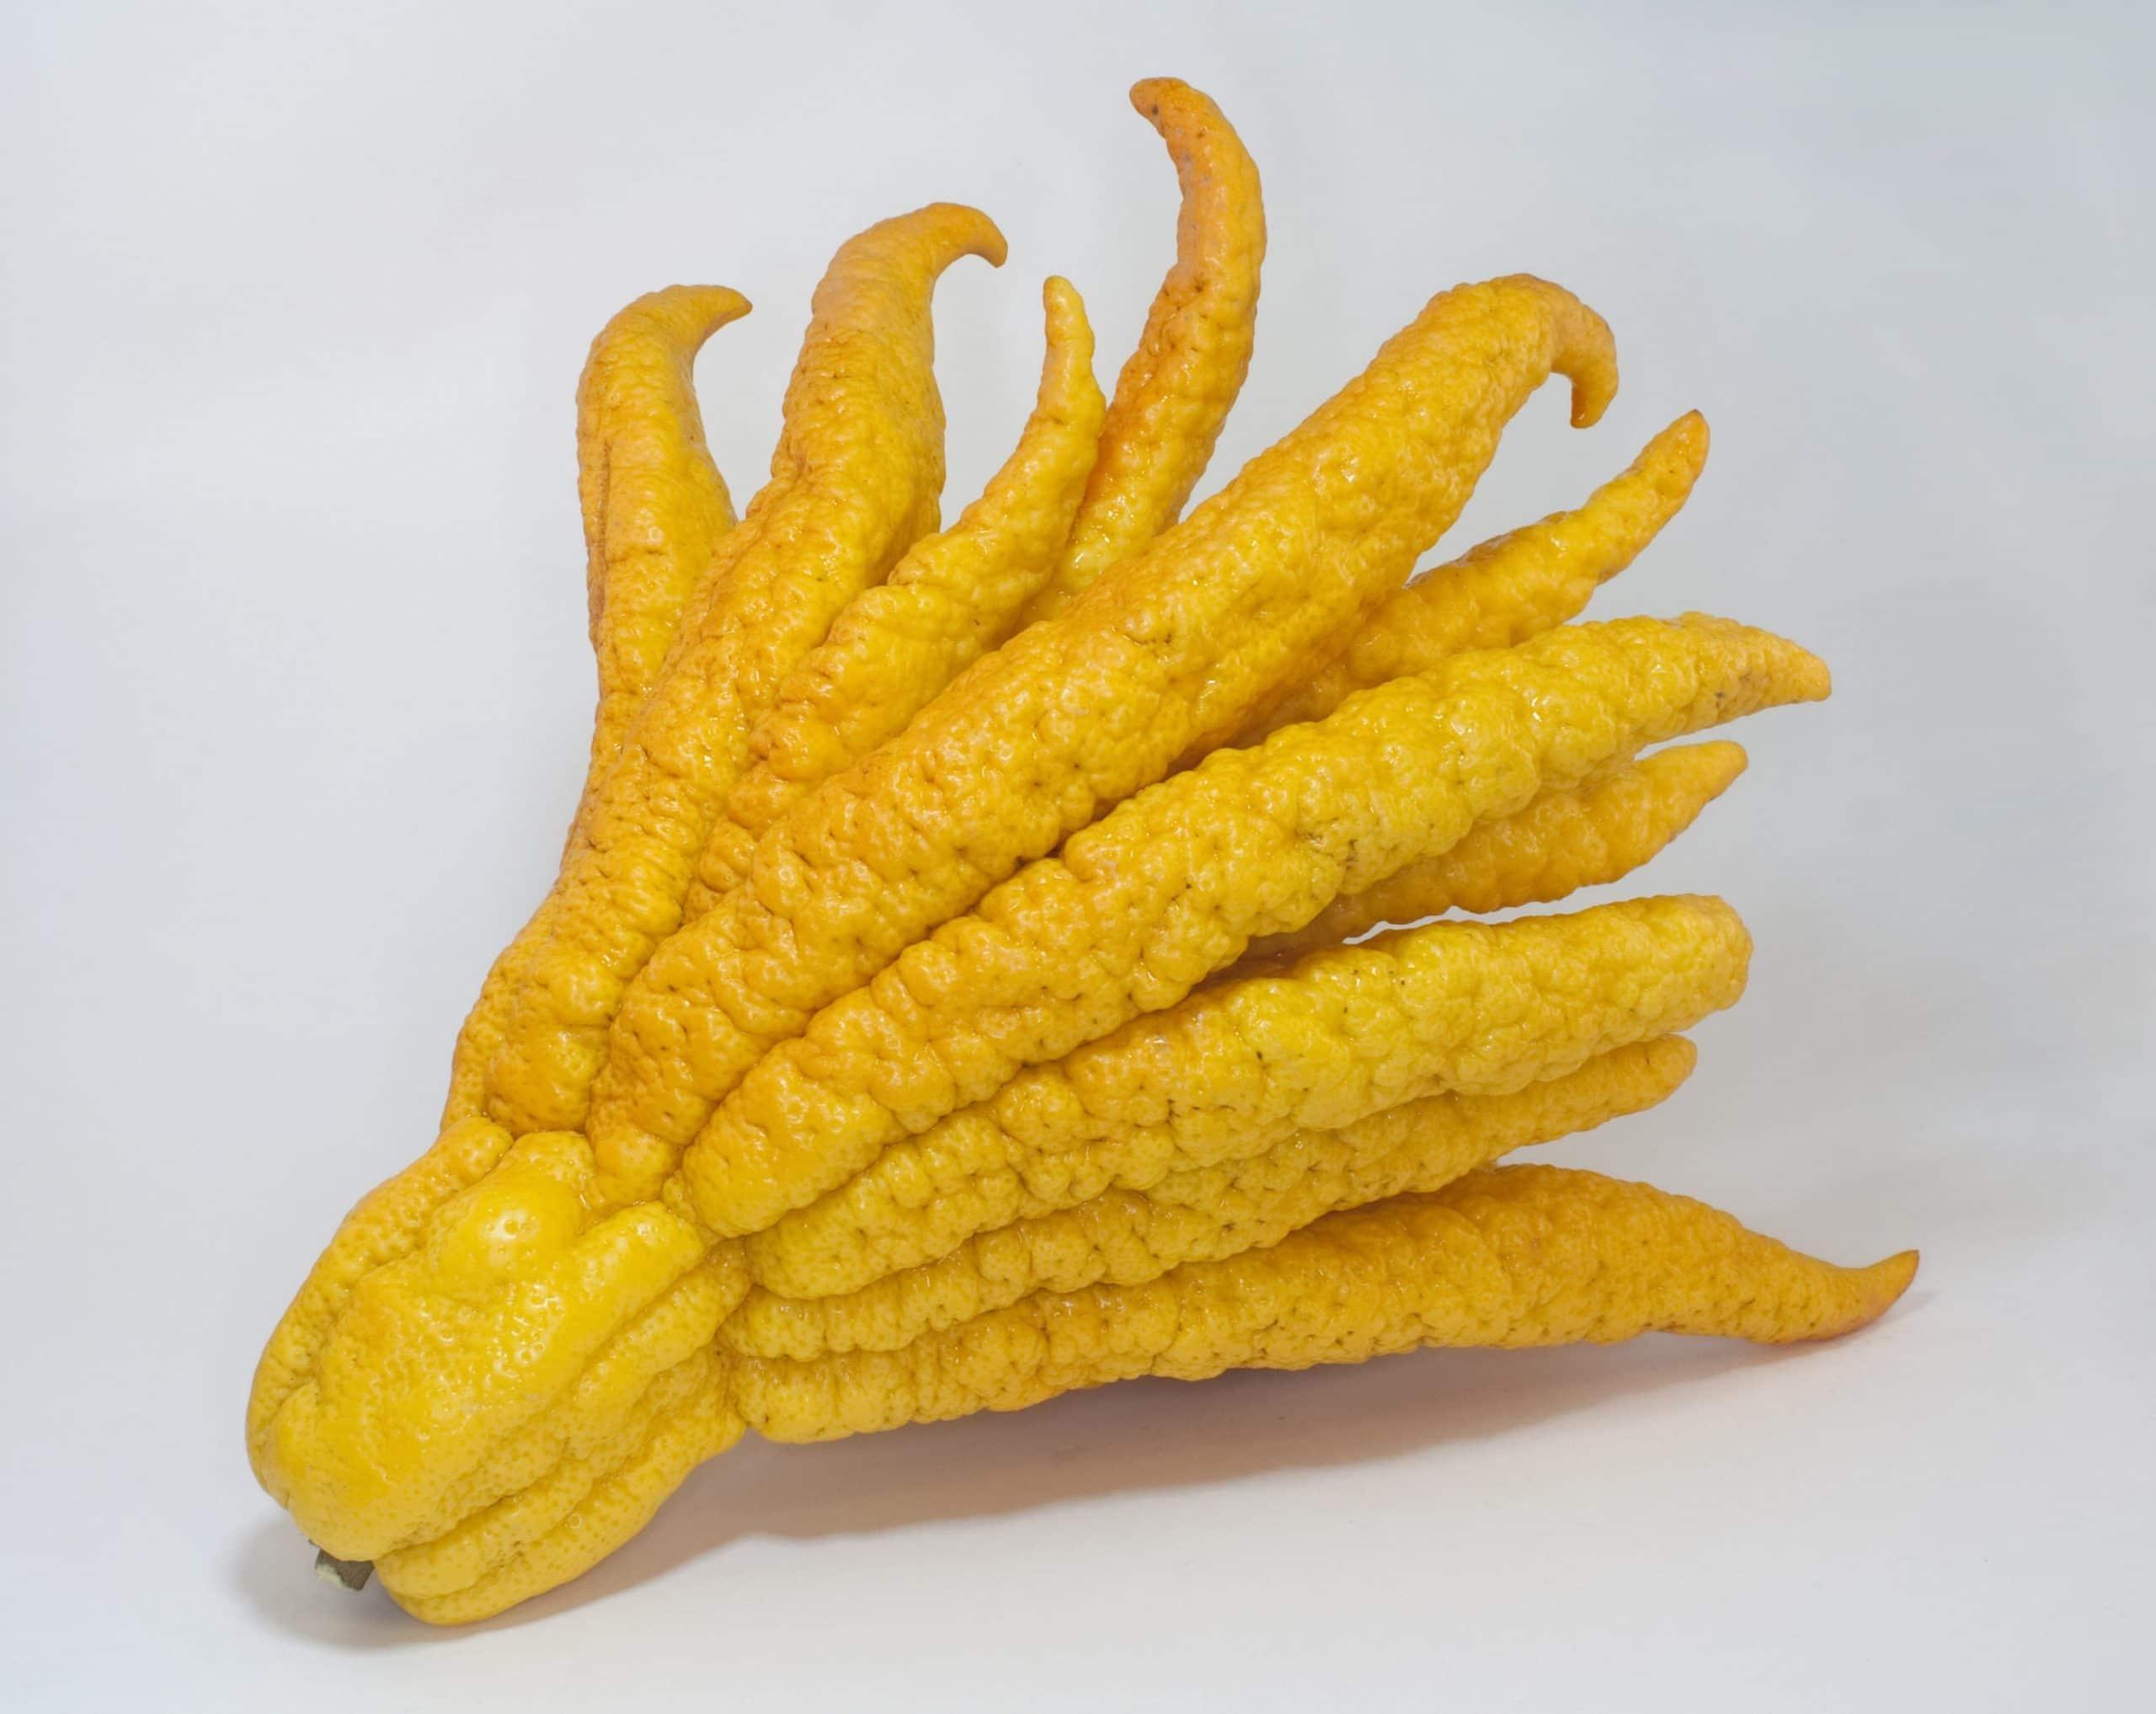 Curioso limón 'mano de Buda'